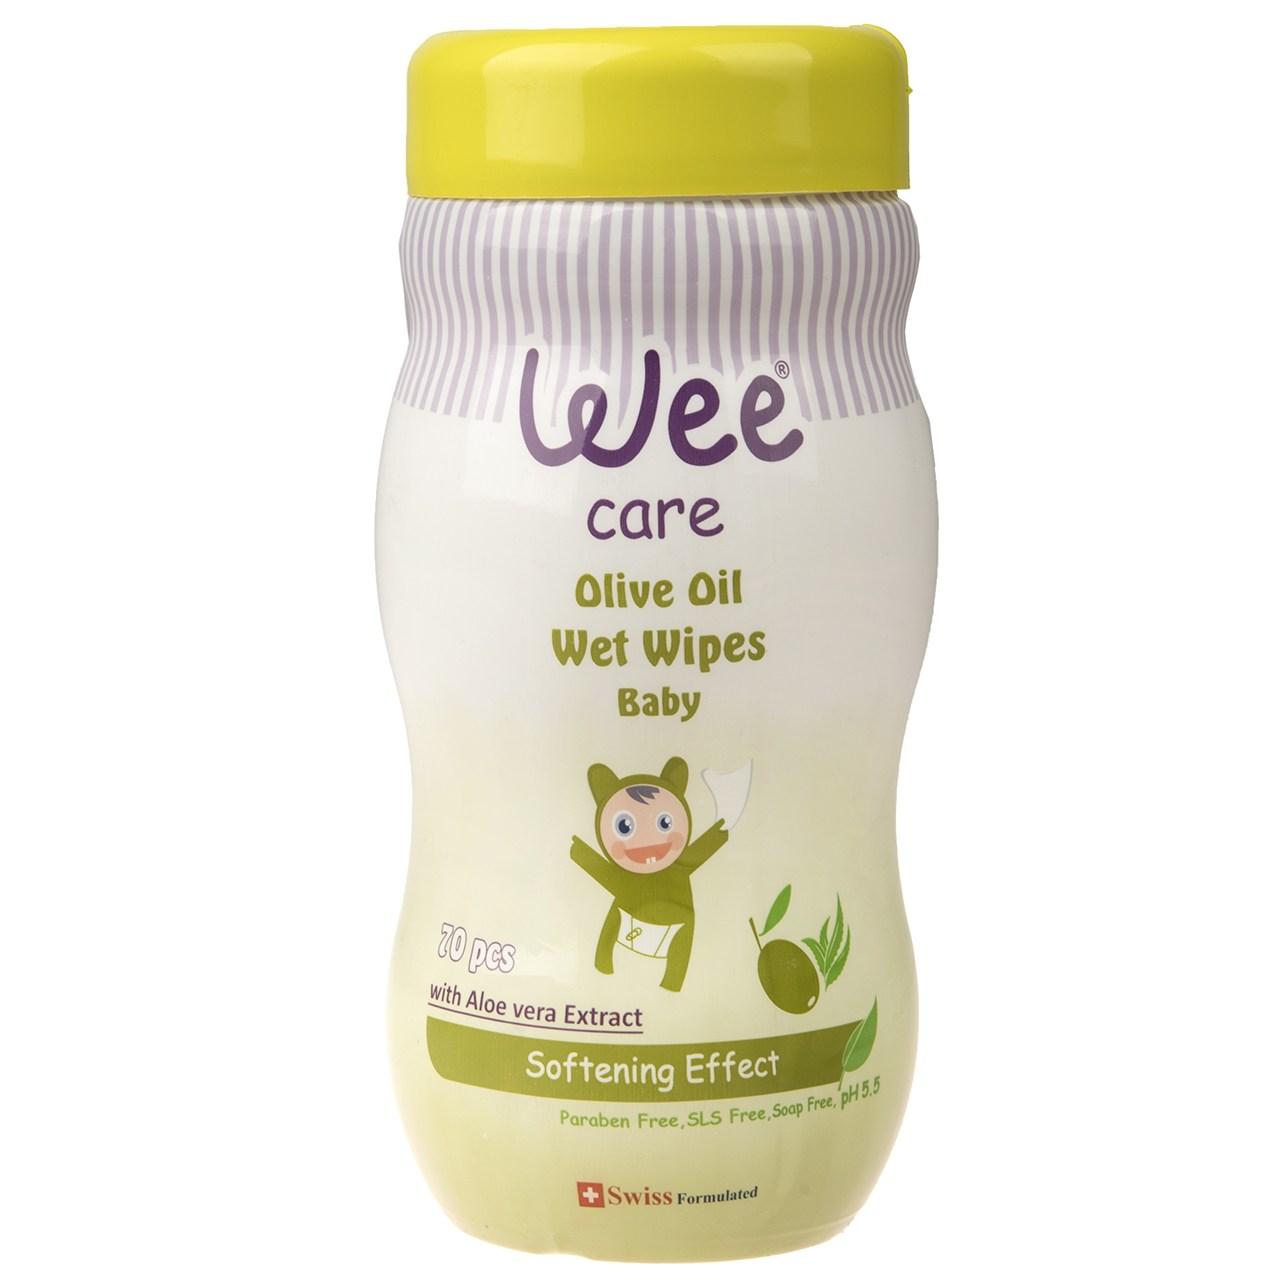 قیمت دستمال مرطوب کودک وی مدل Olive Oil بسته 70 عددی